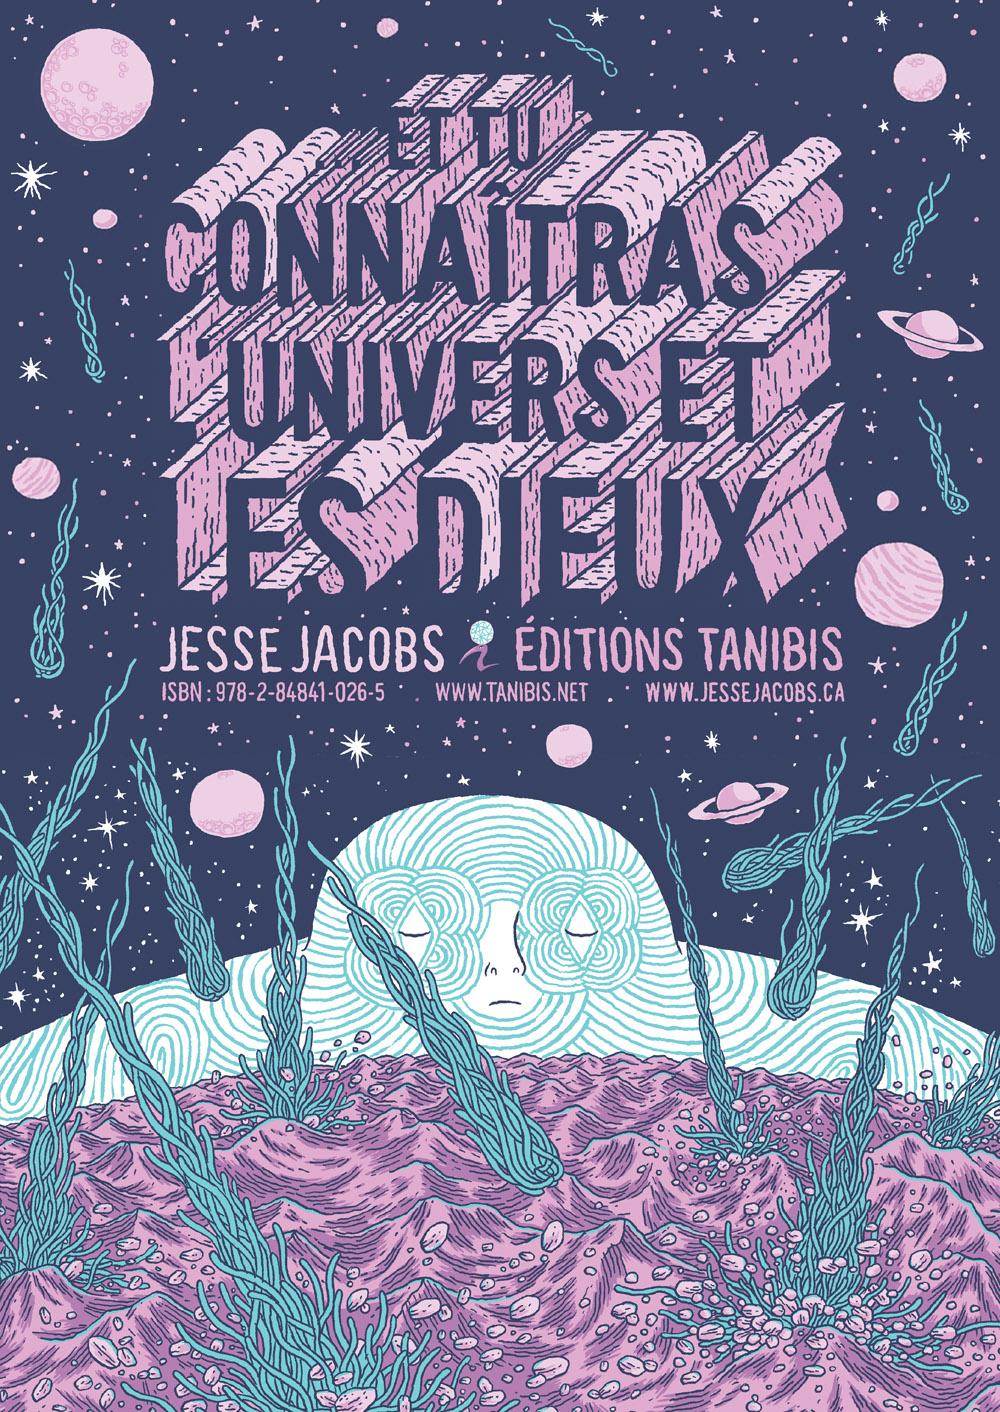 ... Et tu connaîtras l'univers et les Dieux, par Jesse Jacobs